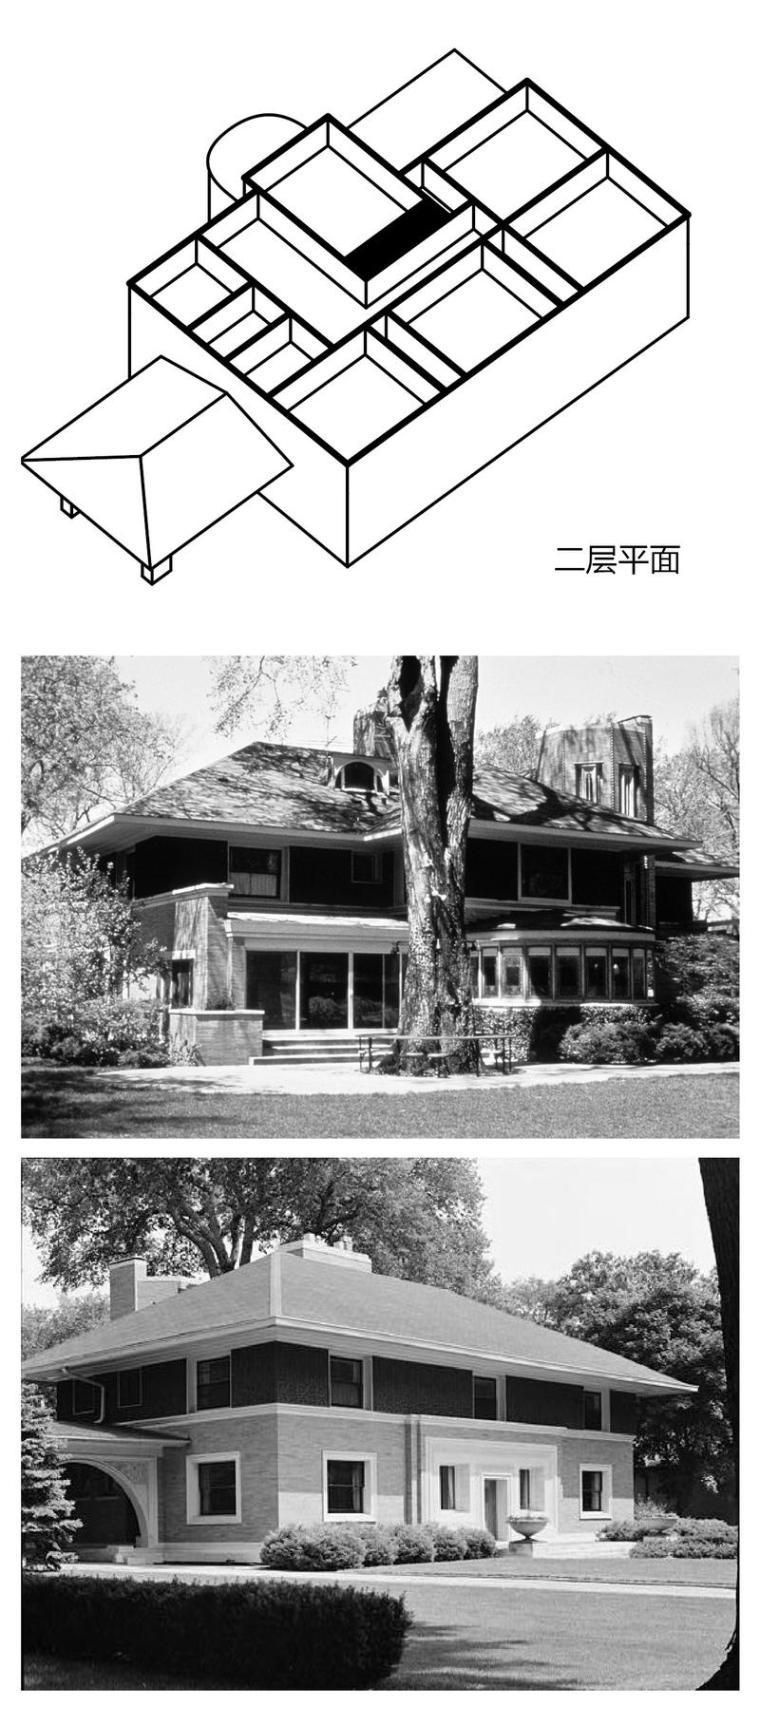 图解赖特建筑设计时期(一)_6